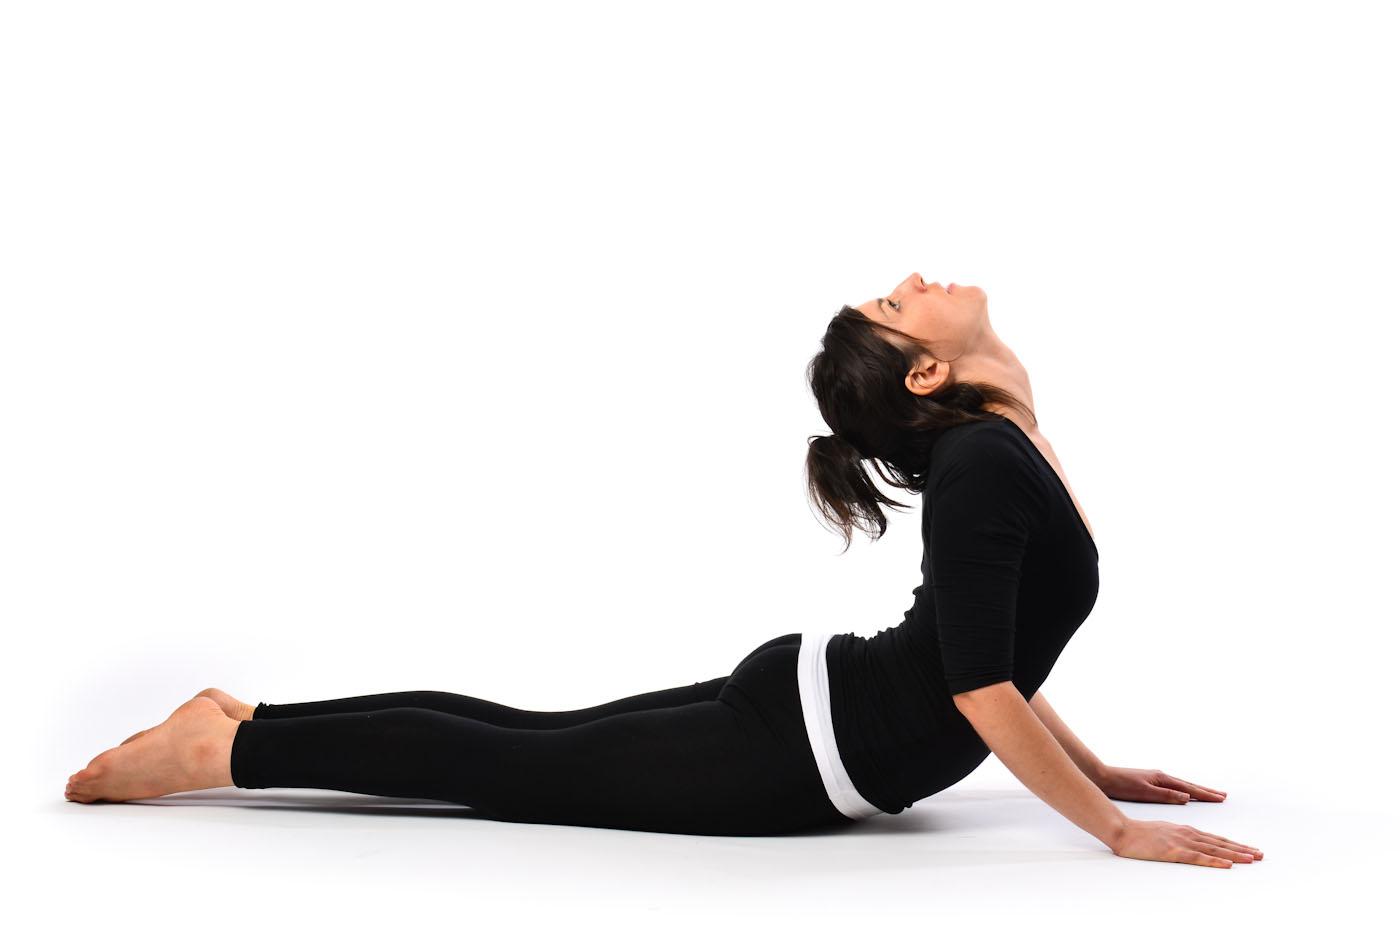 Adelgazar brazos espalda y abdomen plano